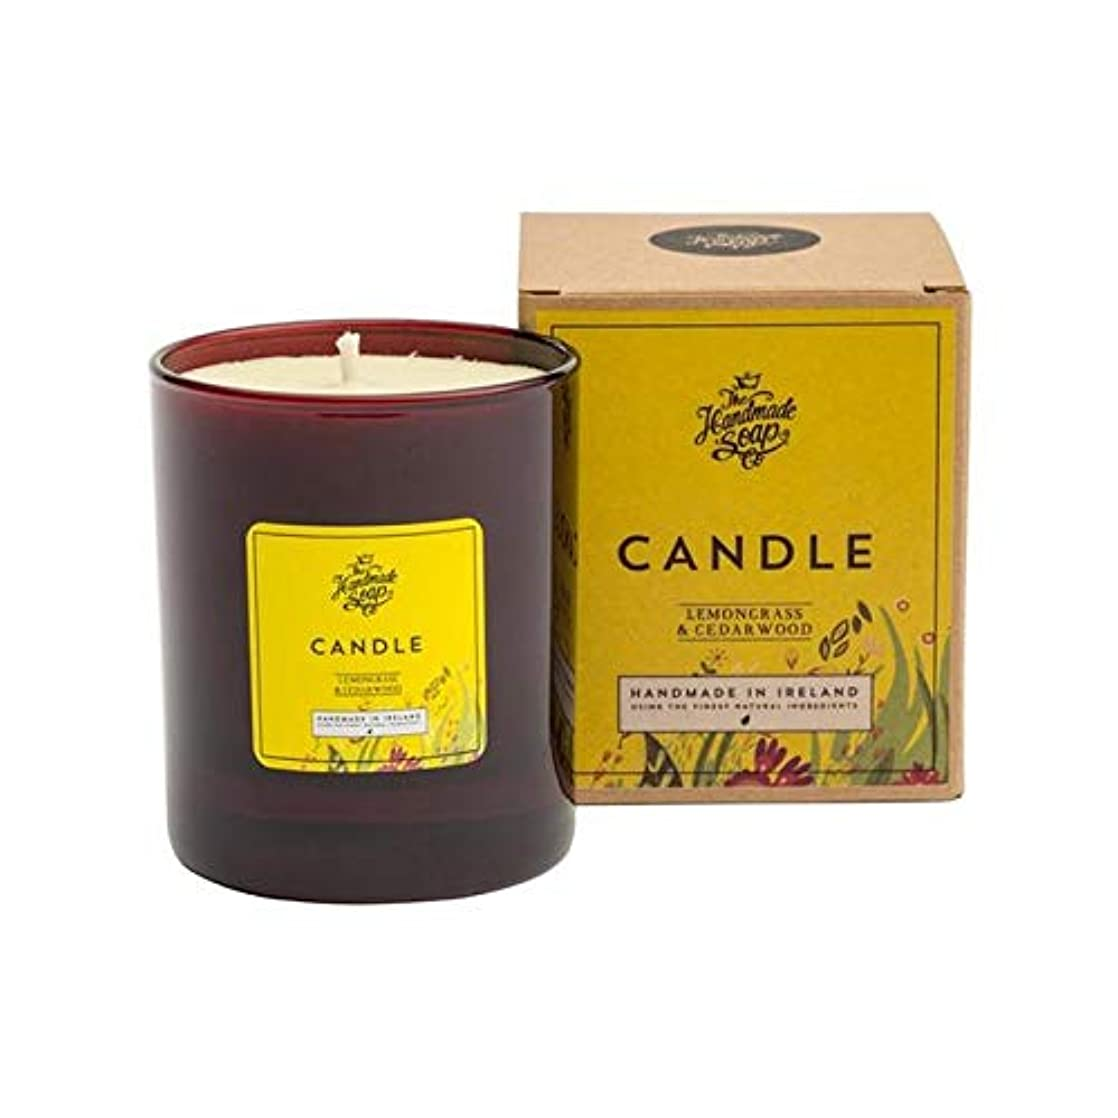 発疹まどろみのある麻痺[The Handmade Soap Company ] 手作り石鹸の共同レモングラス&シダーウッドキャンドル180グラム - The Handmade Soap Co Lemongrass & Cedarwood Candle...